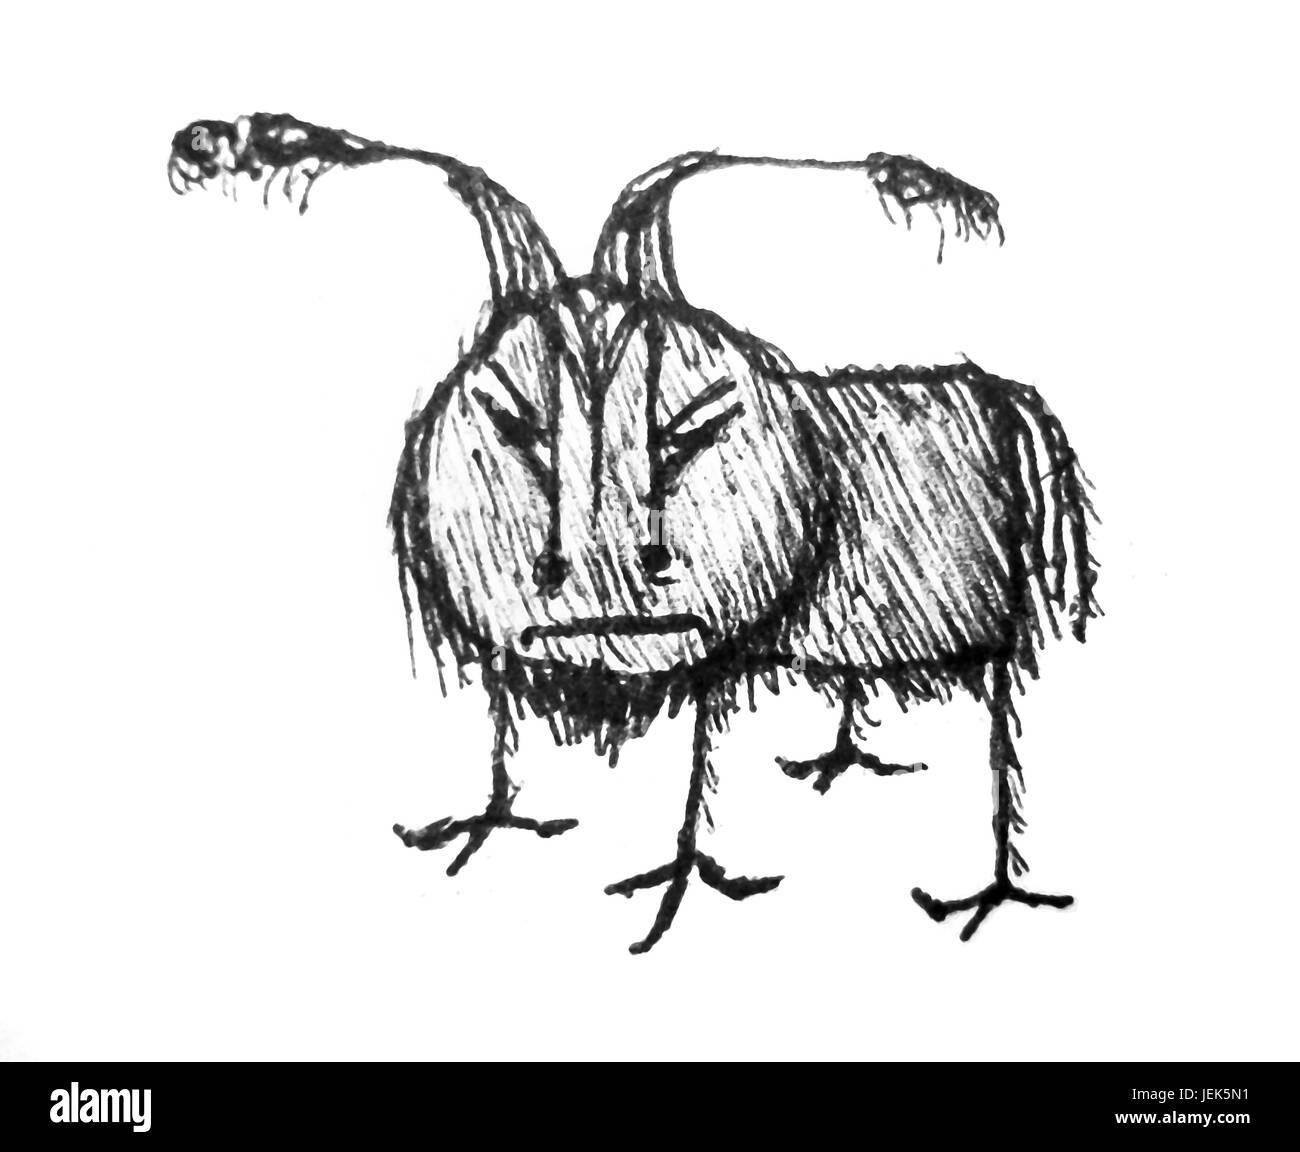 Angry animal pencil drawing